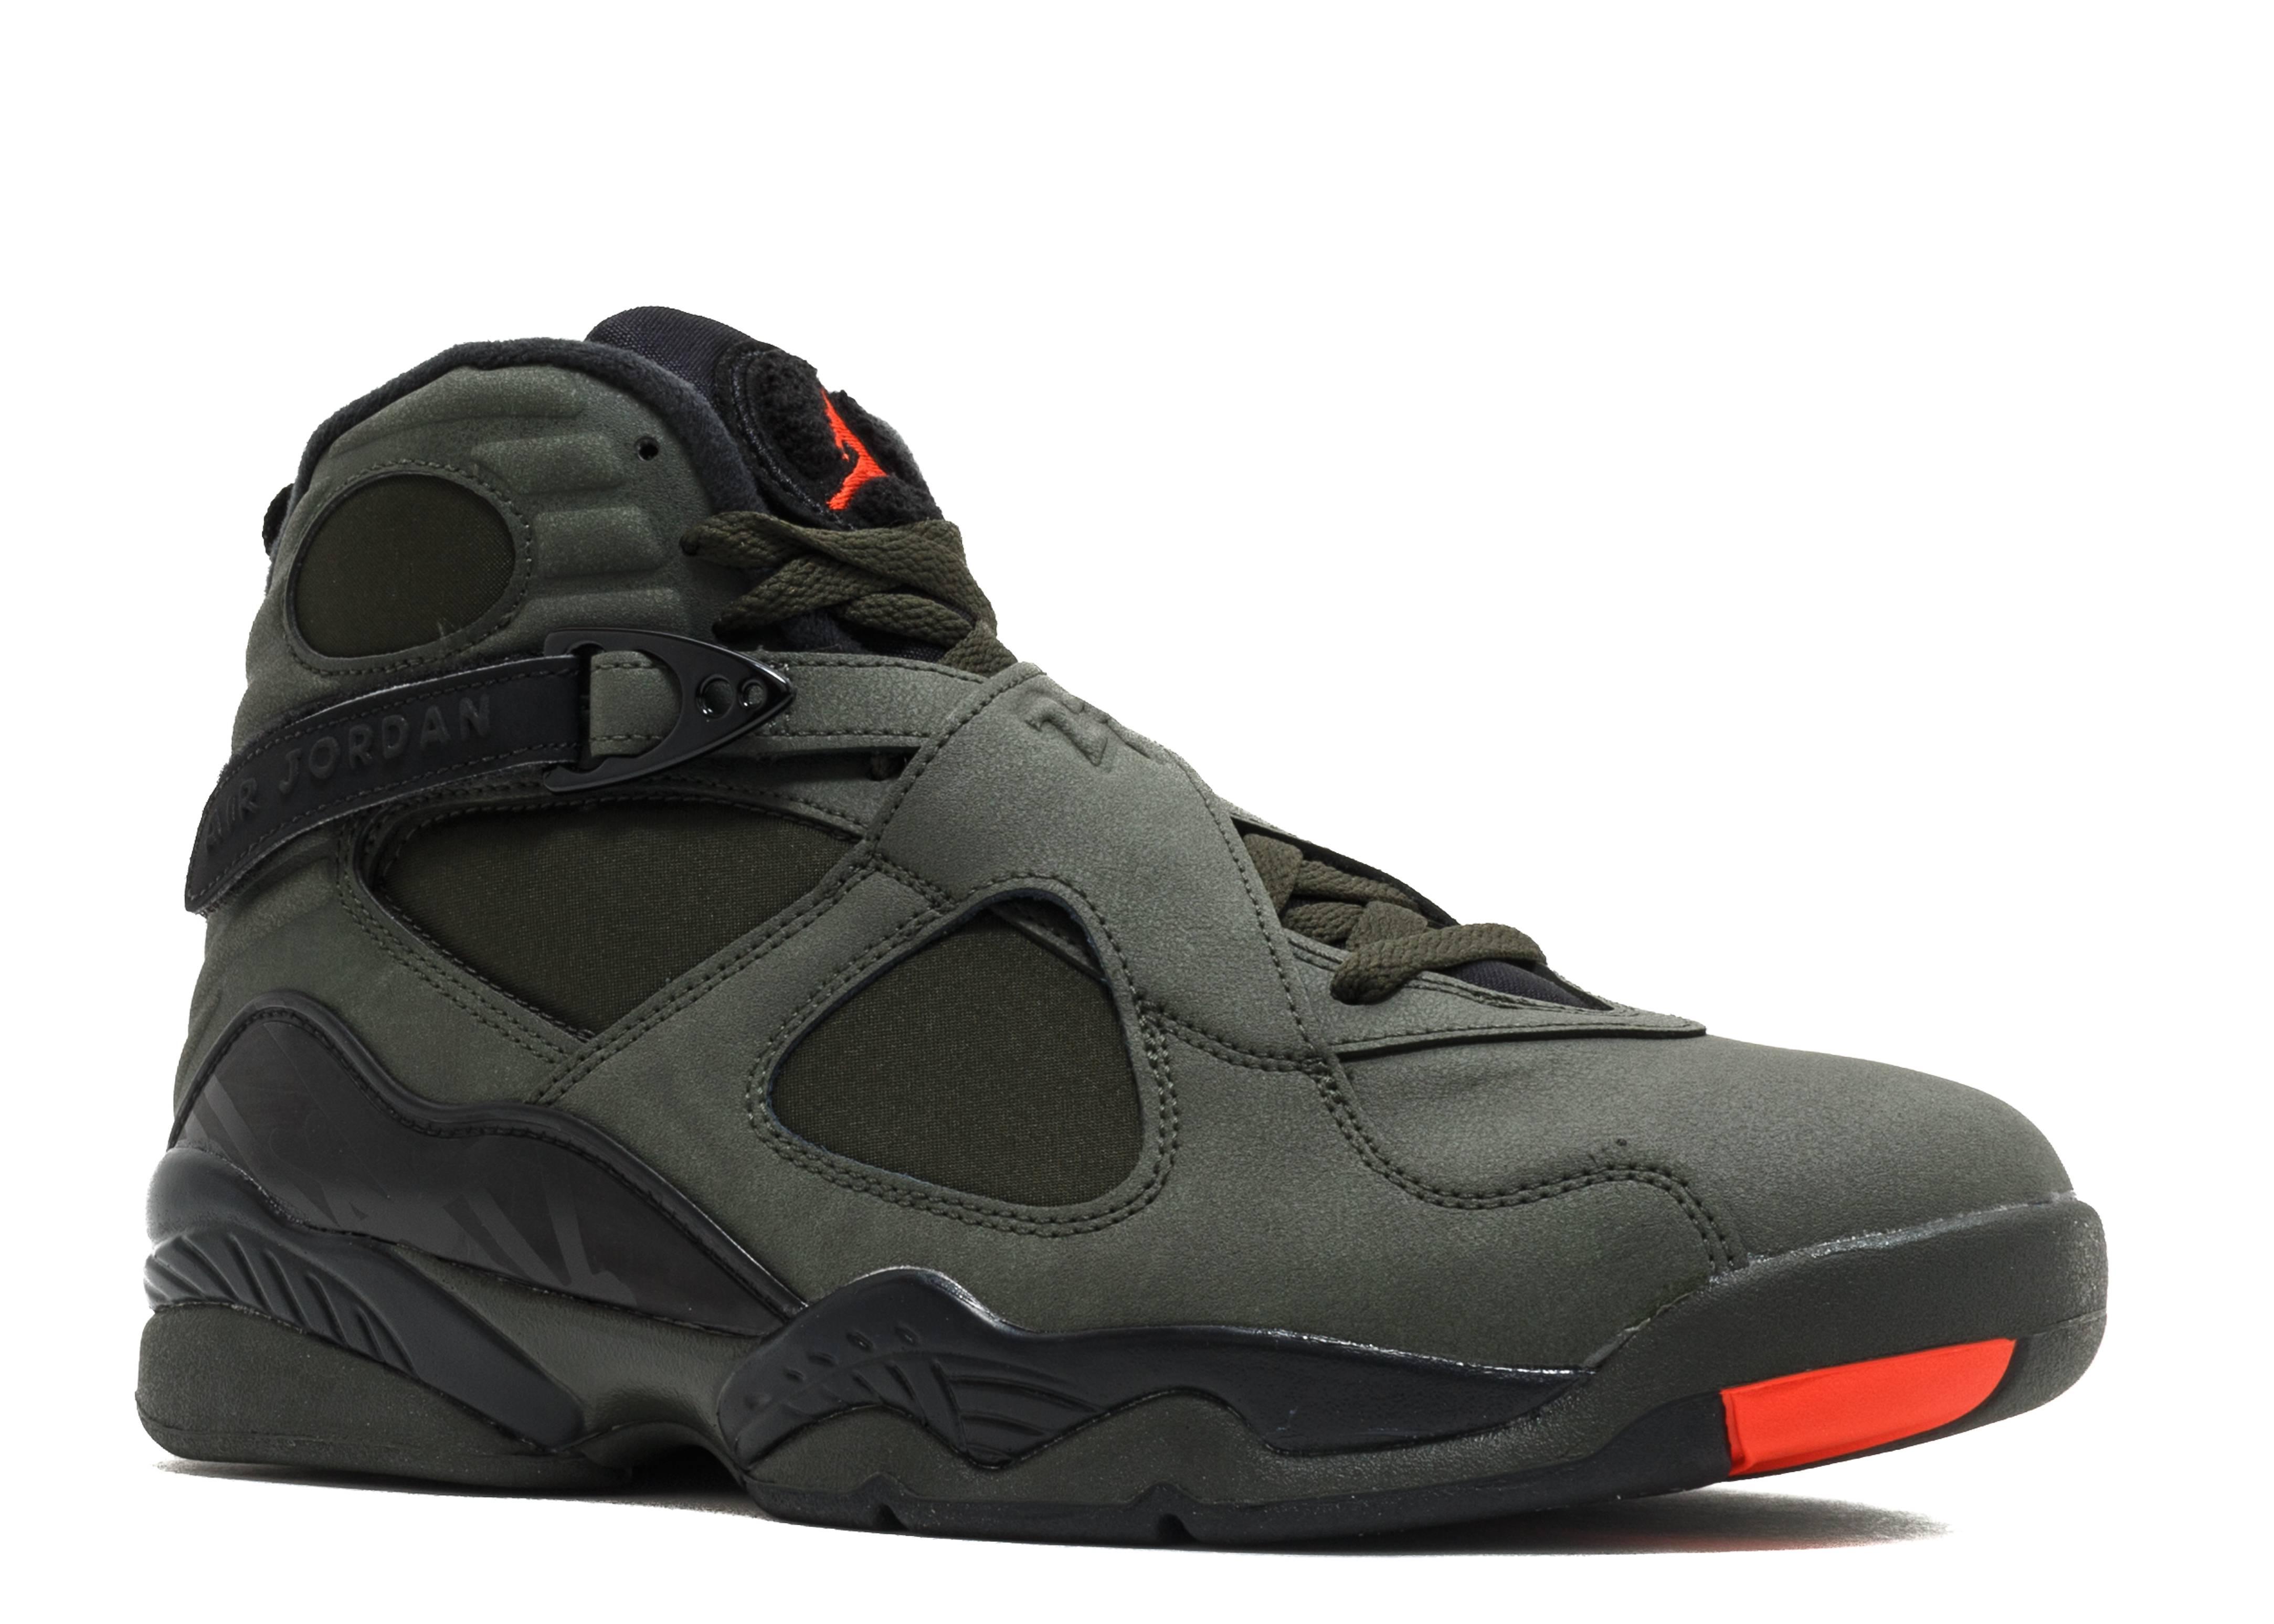 8b603ea39e7c Air Jordan 8 Retro